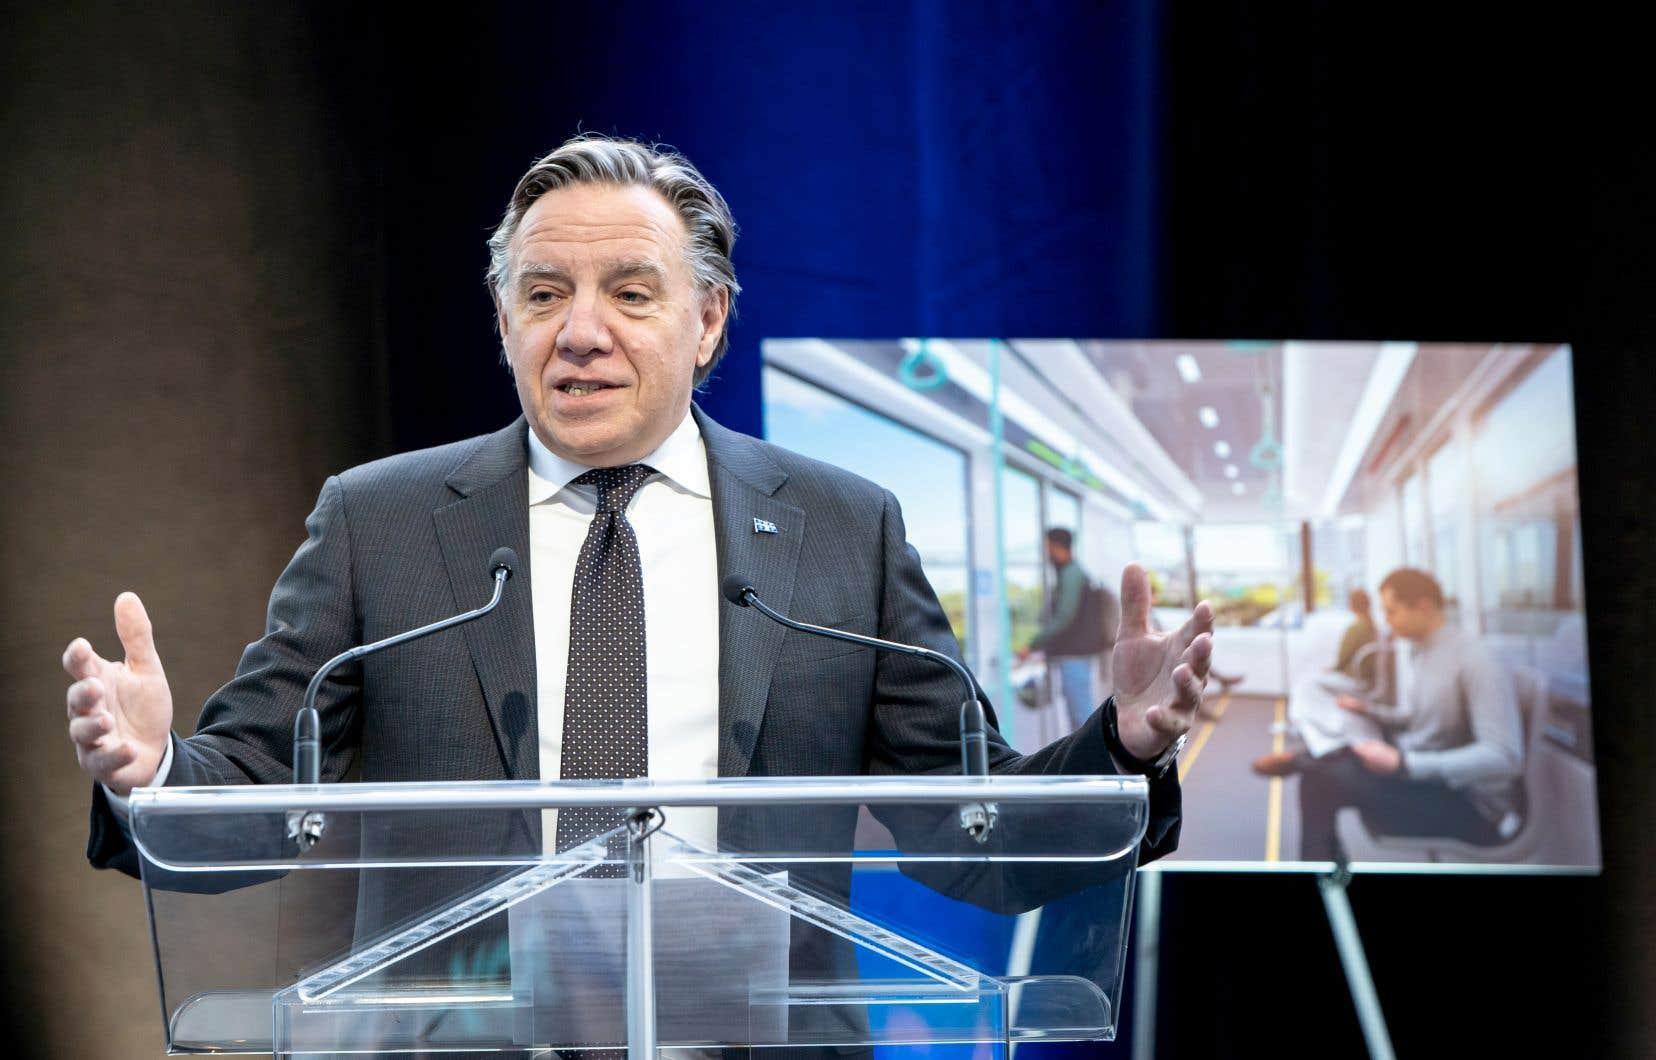 En conférence de presse mardi, le premier ministre, François Legault, a dit vouloir créer une «Silicon Valley du Nord» dans l'est de Montréal, qui a besoin de revitalisation et qui compte de nombreux terrains contaminés.